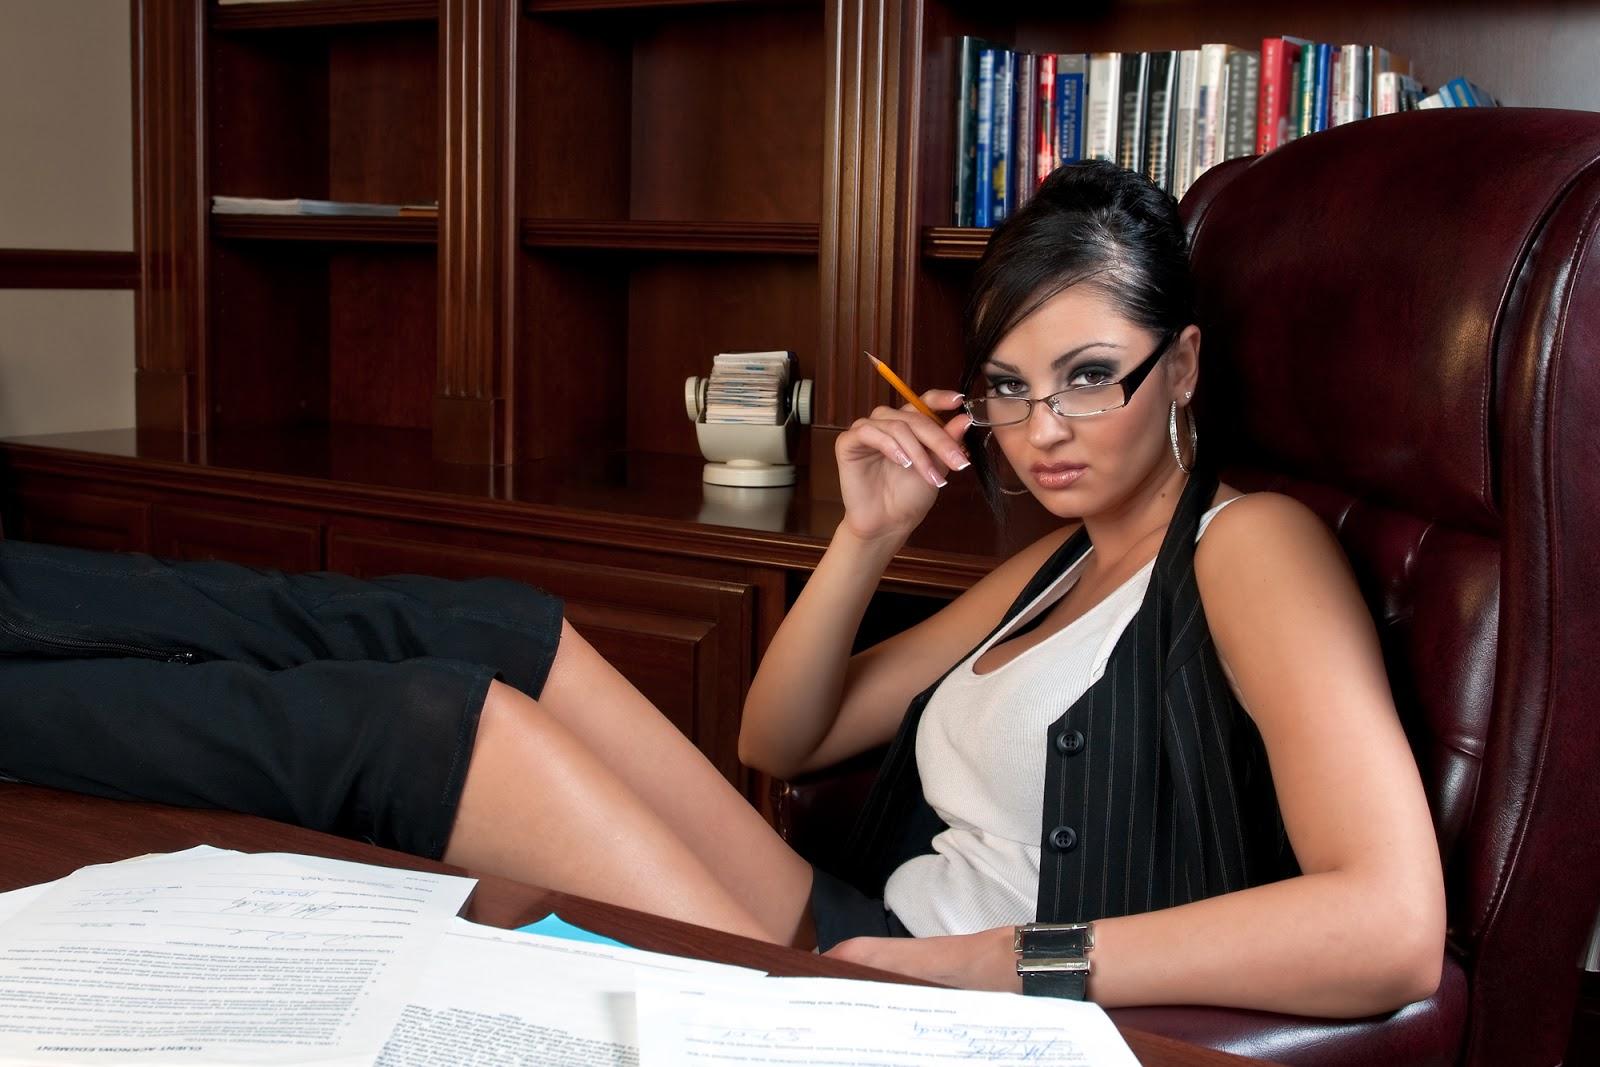 Страстный секс с секретаршей смотреть онлайн, Порно секретарши - Наглый босс принуждает на секс 4 фотография